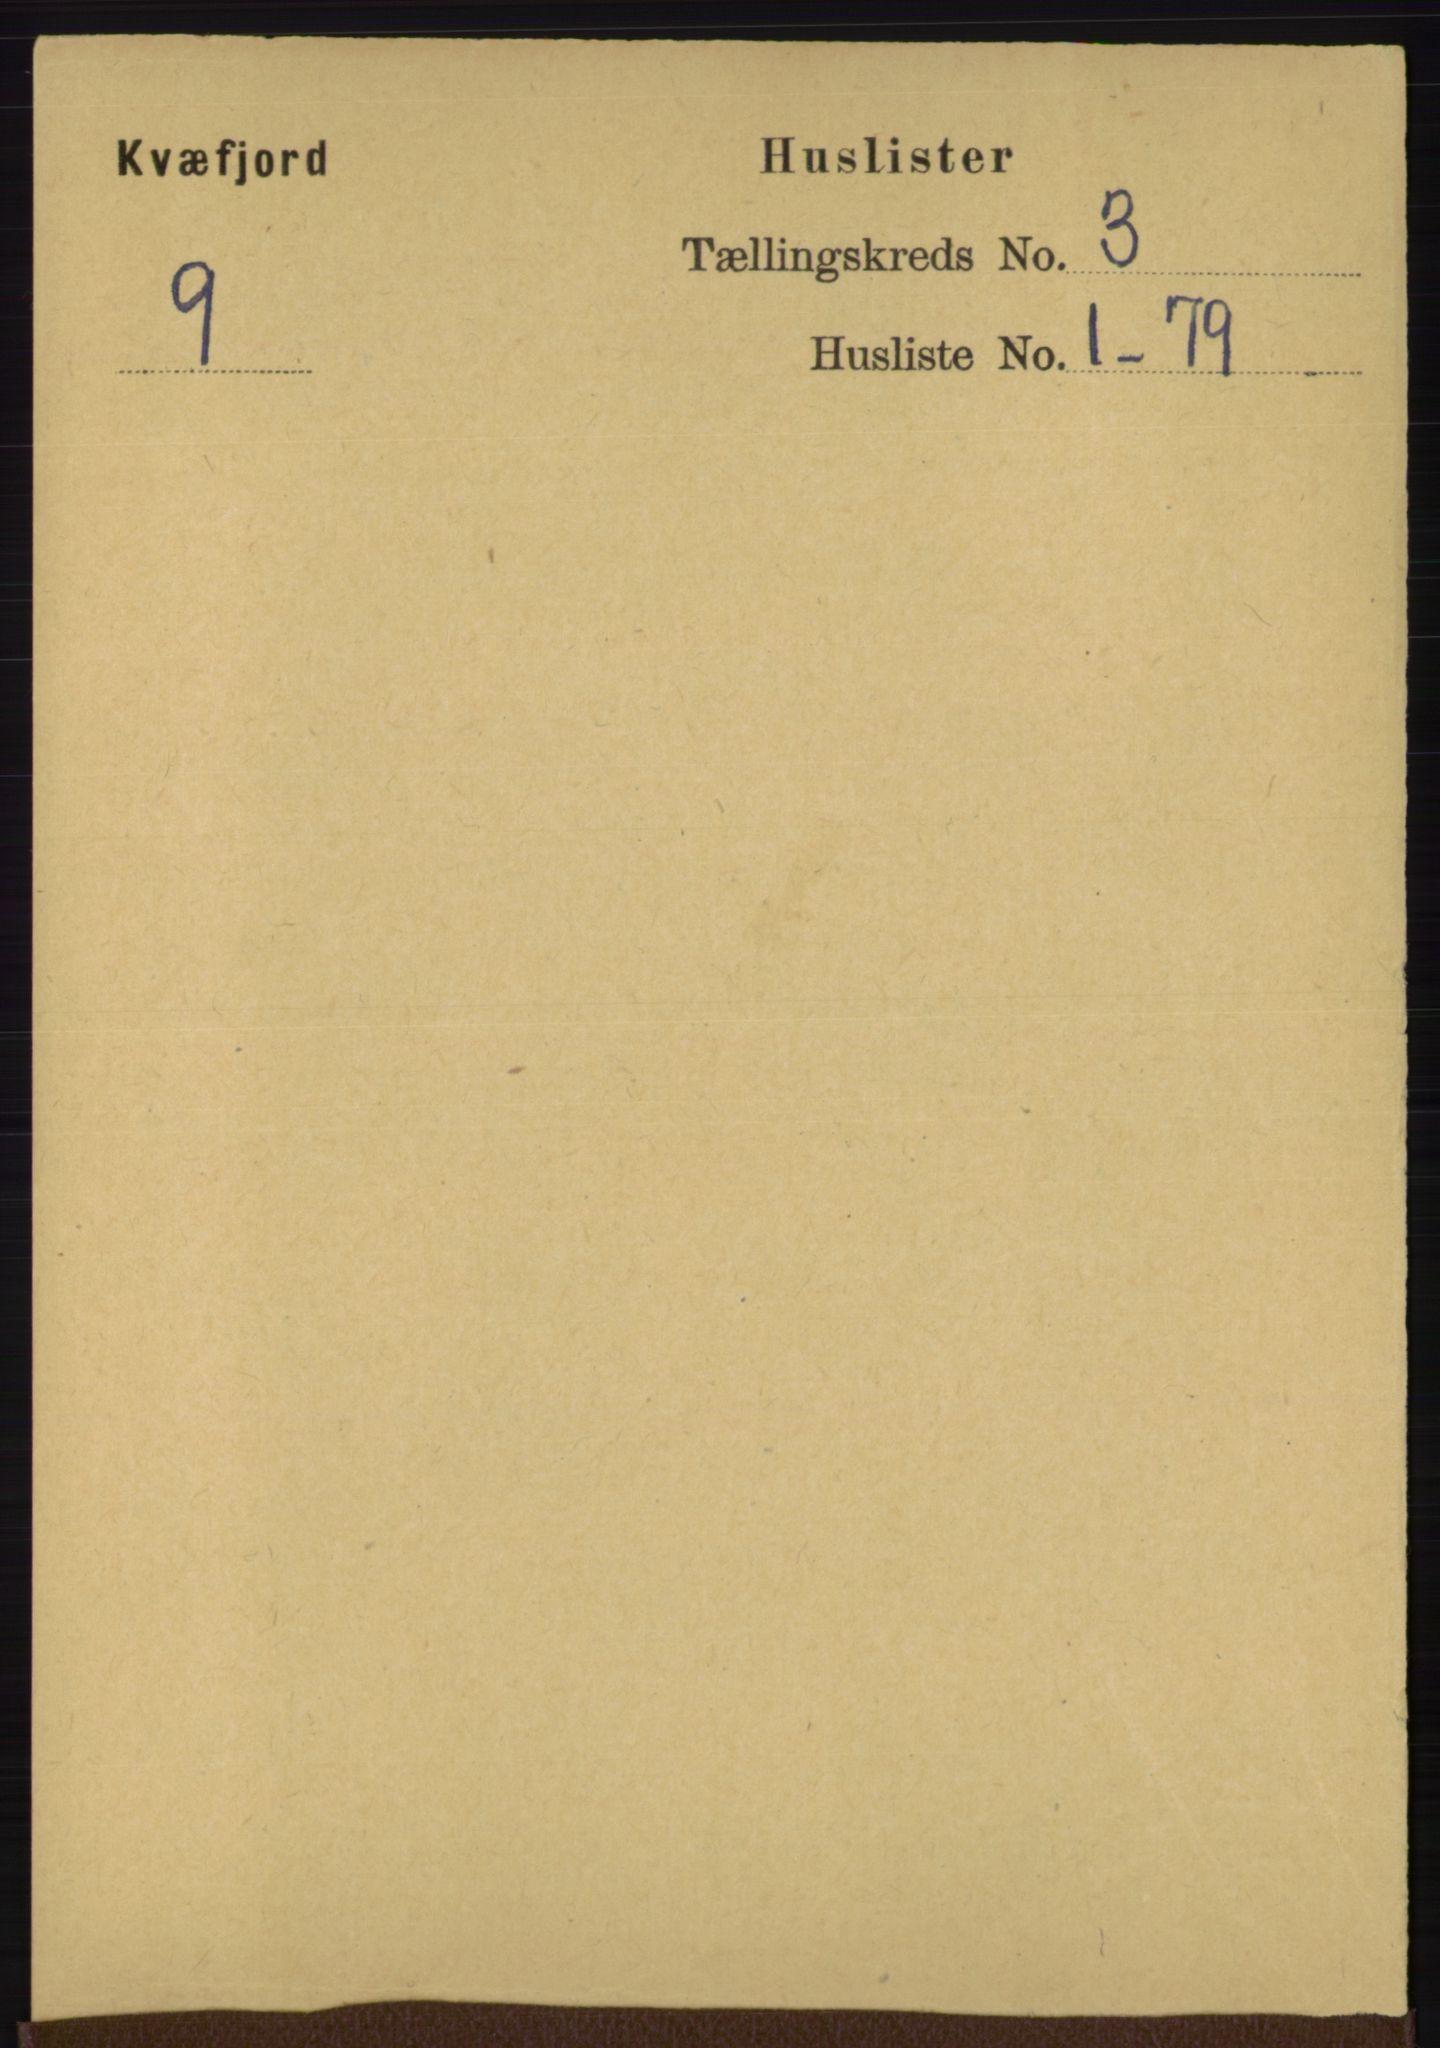 RA, Folketelling 1891 for 1911 Kvæfjord herred, 1891, s. 1220